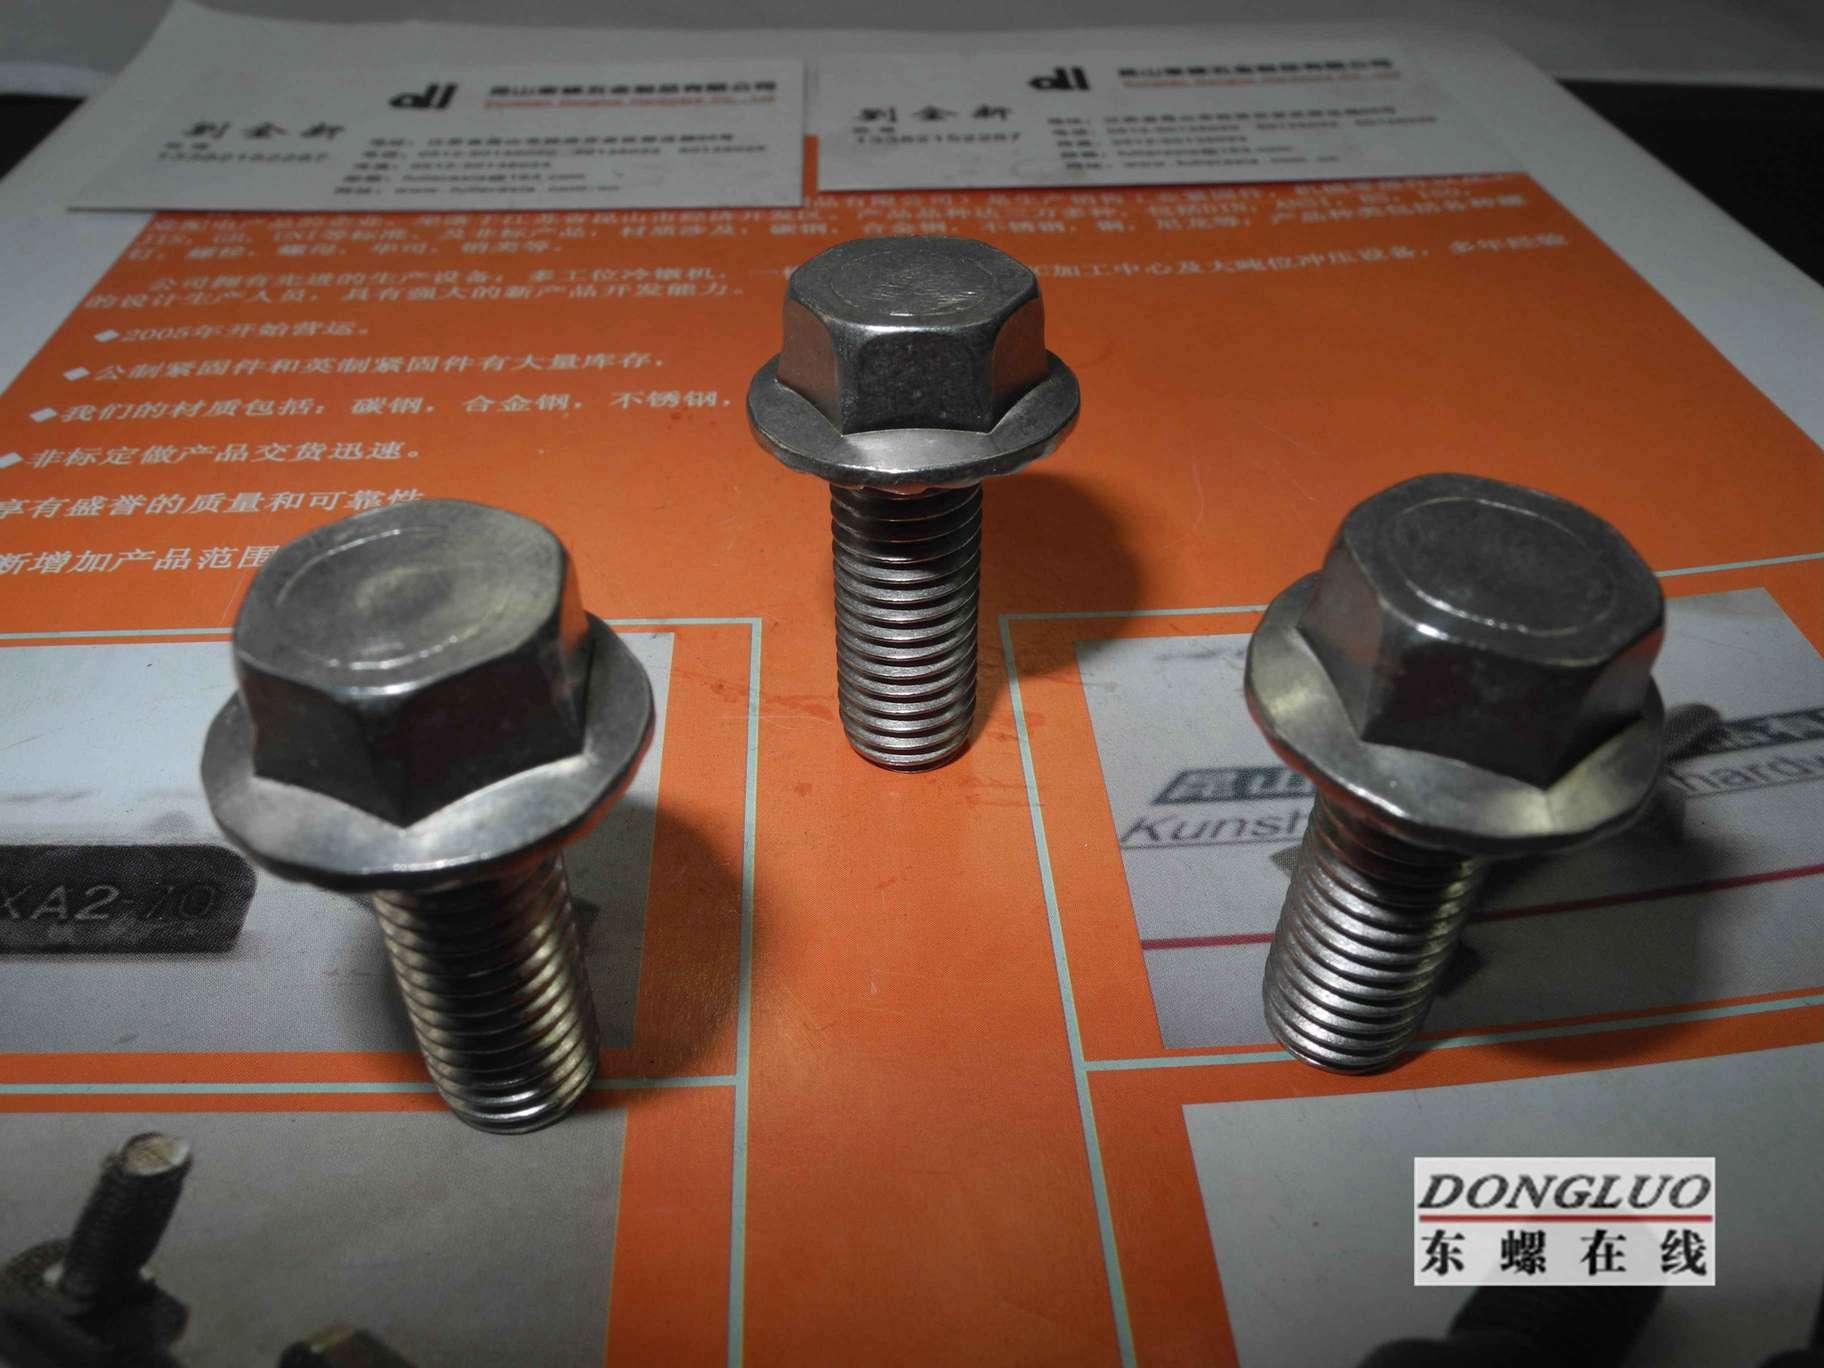 A2-十字大扁頭機螺釘常用工具磨床的主要用途常用工具磨床的主要用途